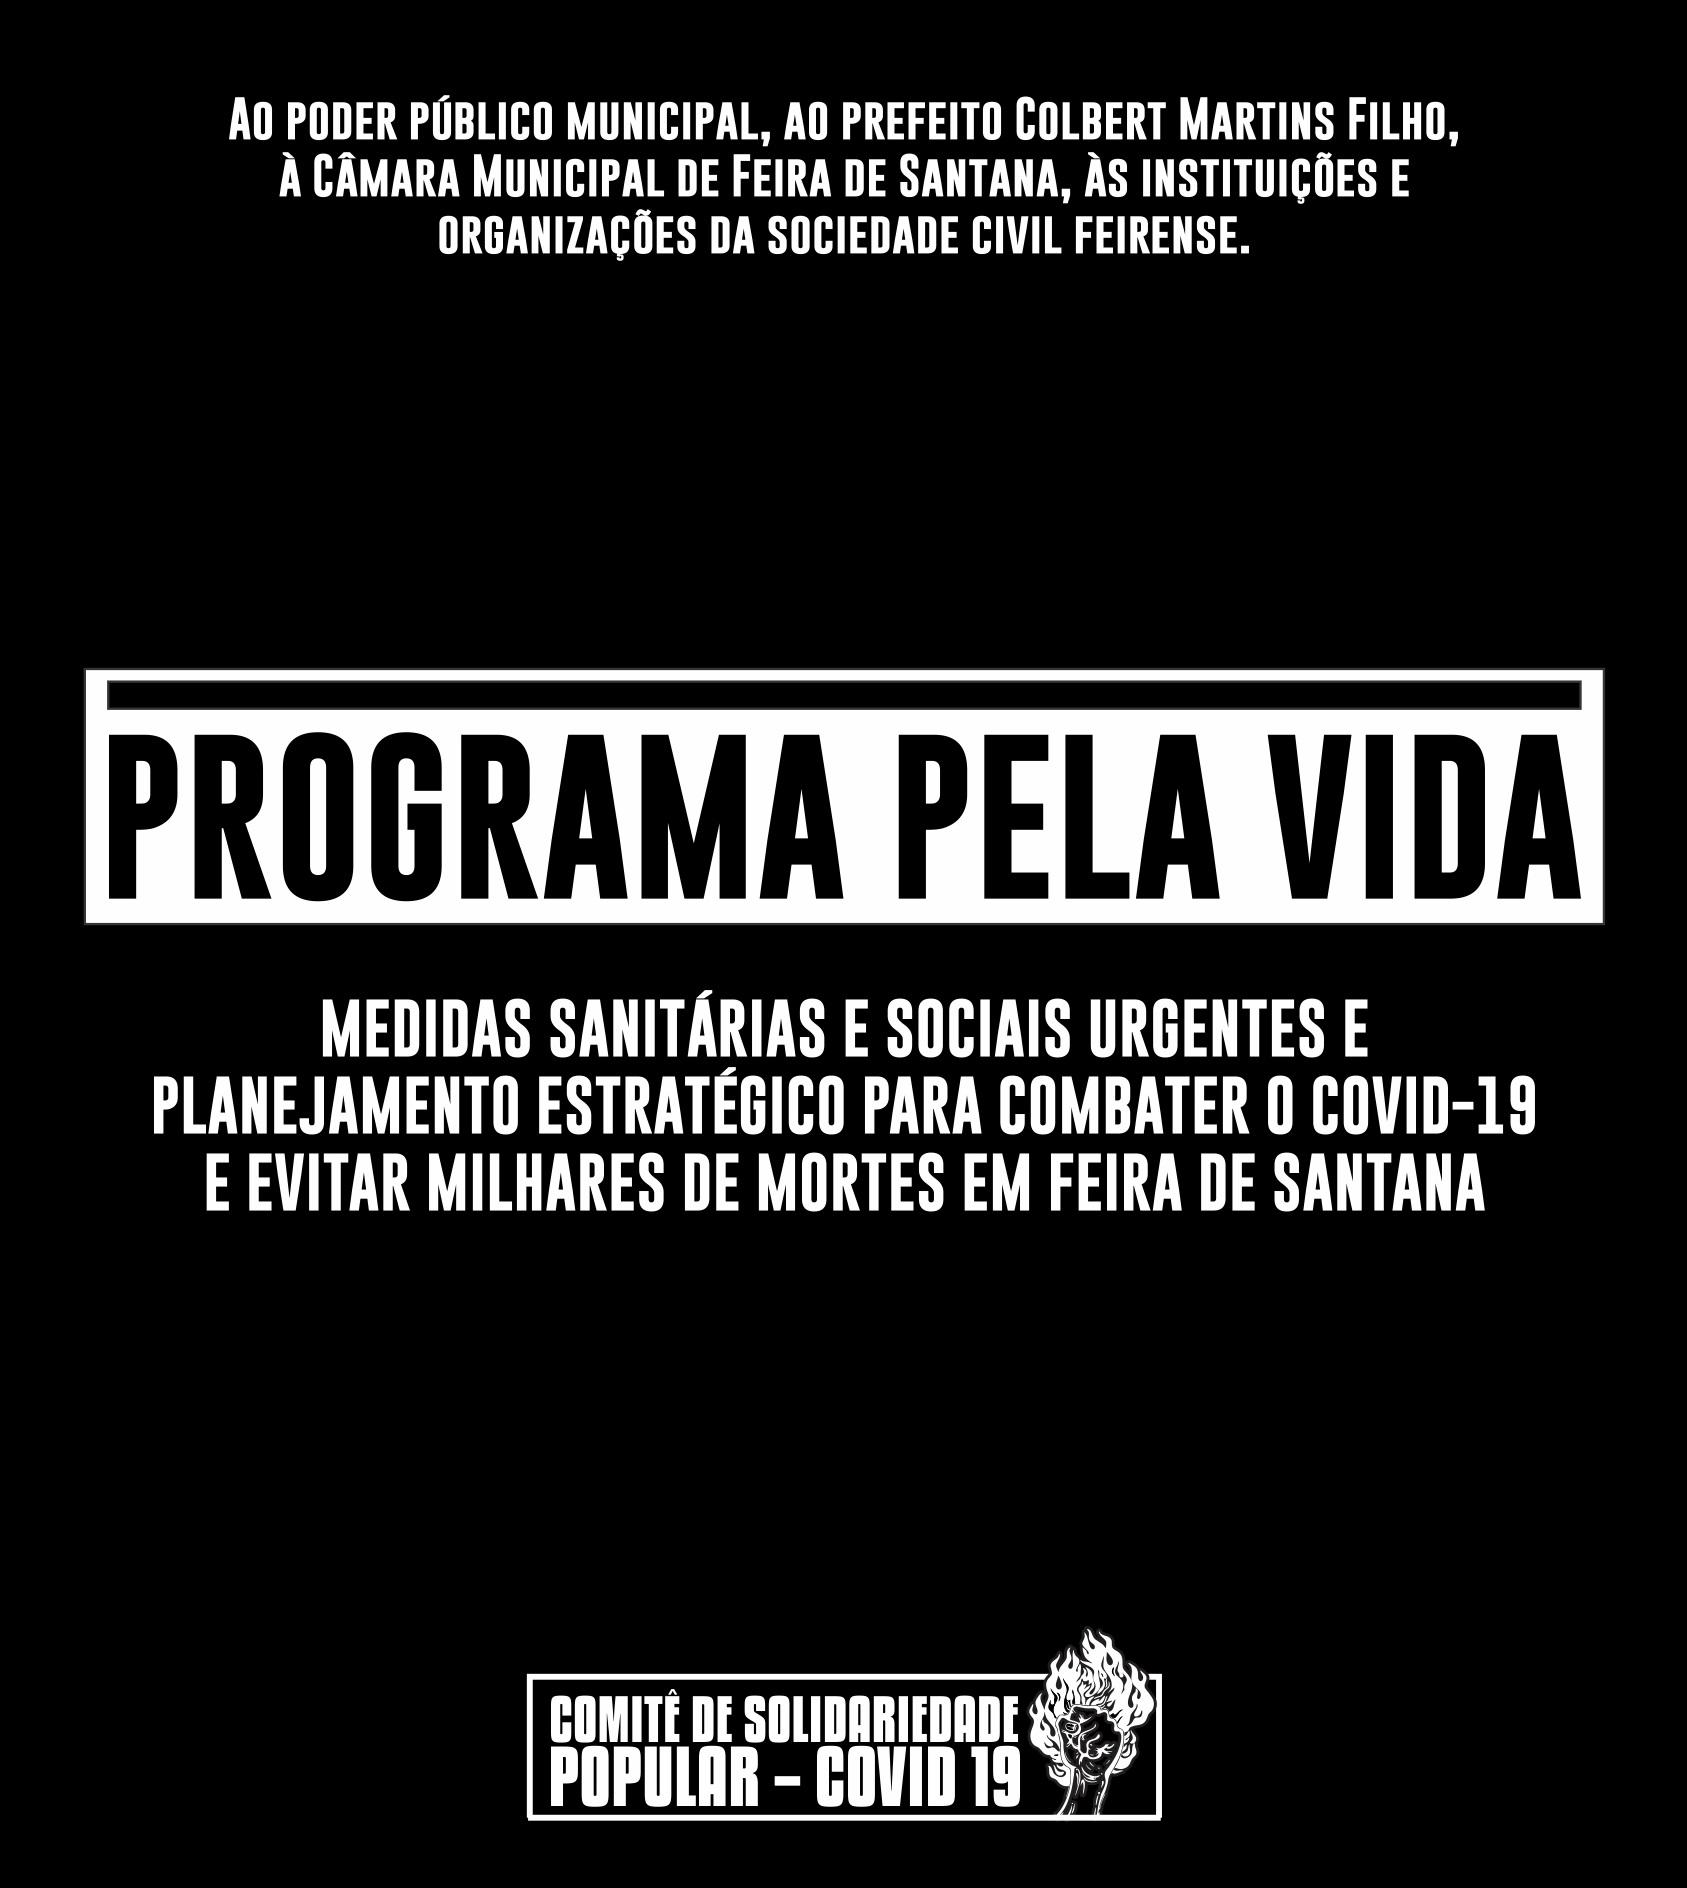 Comitê de Solidariedade Popular de Feira de Santana apresenta Programa pela Vida, com medidas sanitárias e sociais para evitar milhares de mortes